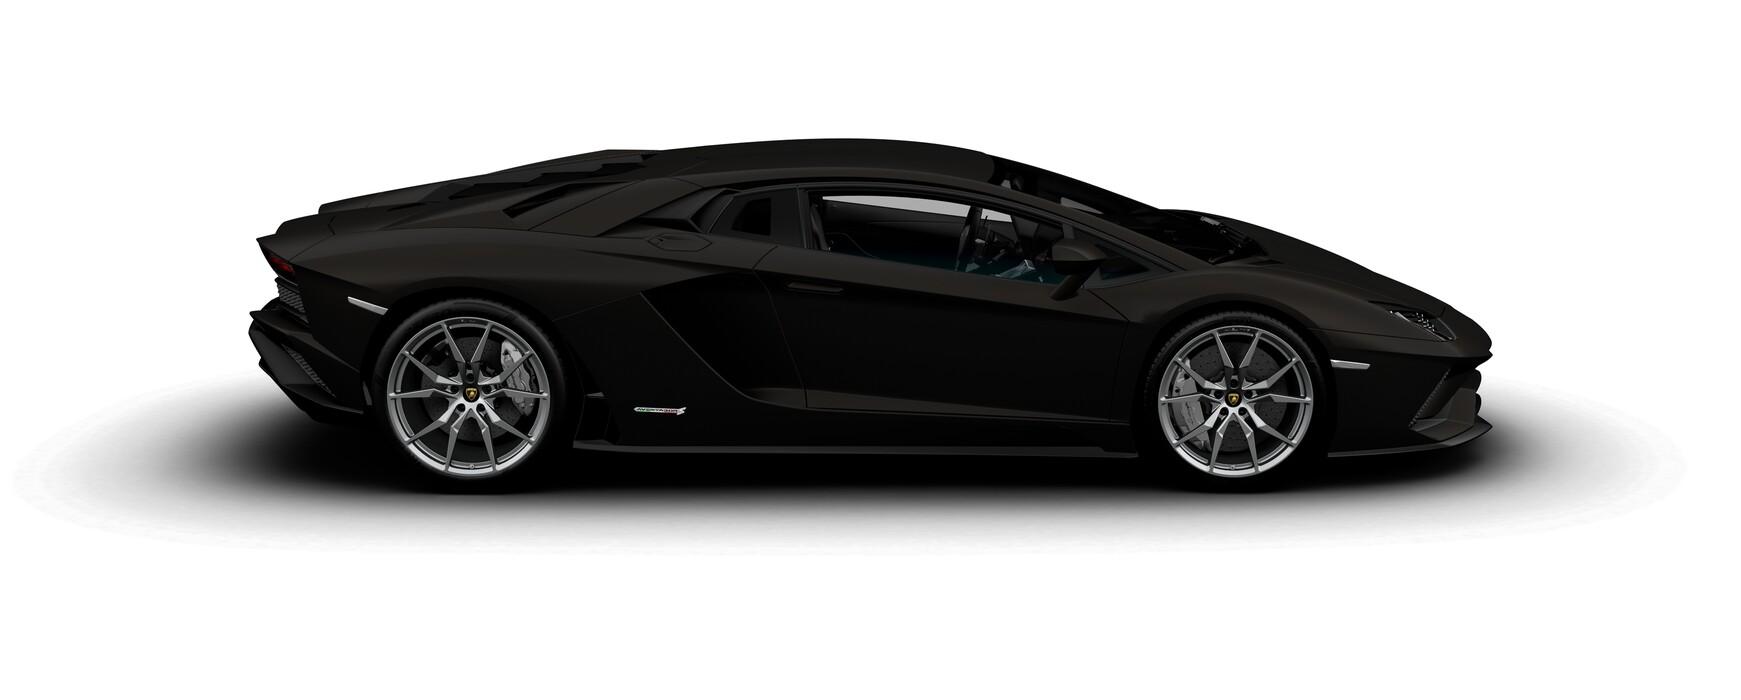 Lamborghini Aventador S Coupe matte Marrone Apus side view